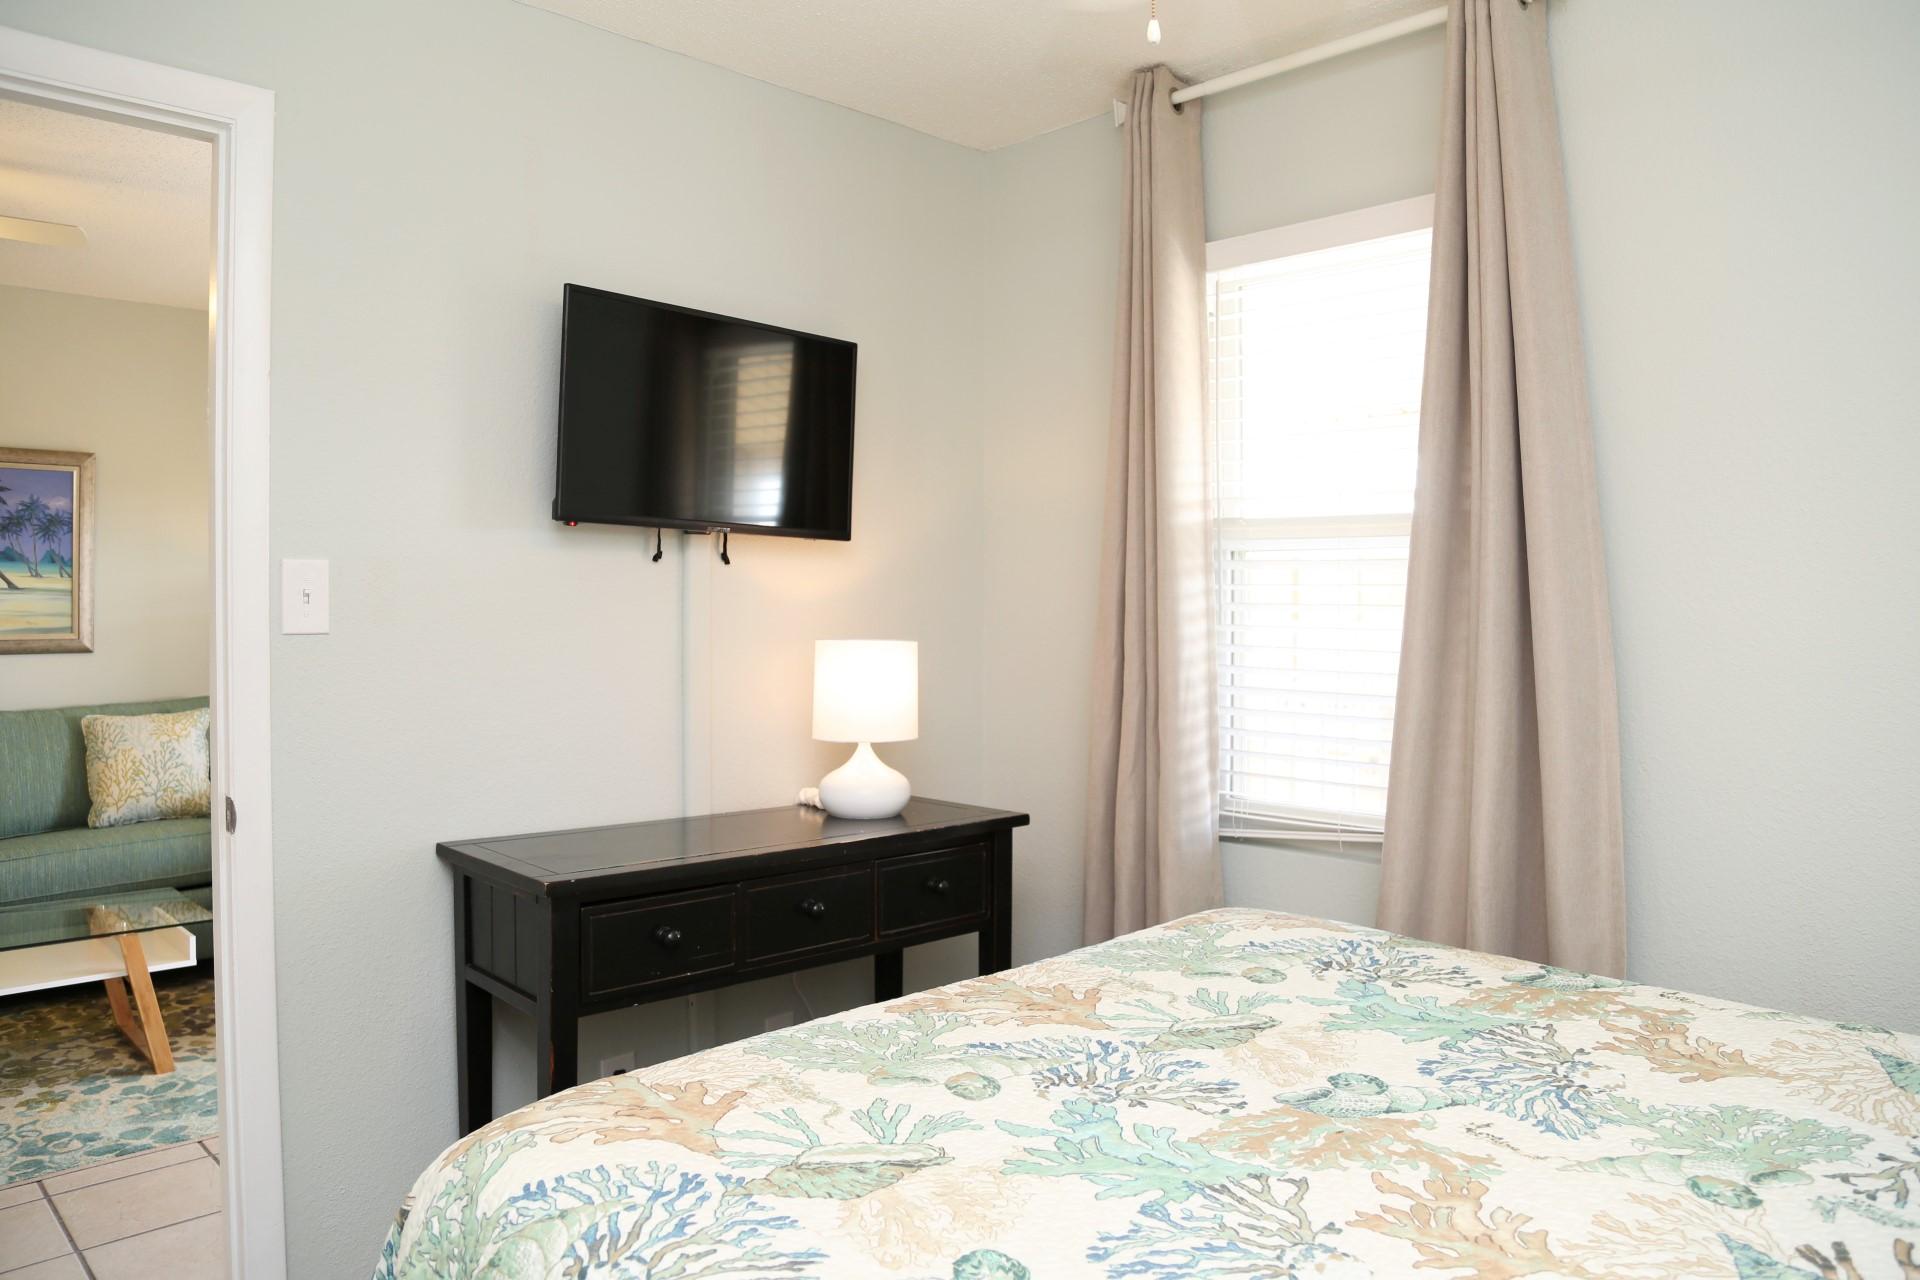 Front bedroom - TV